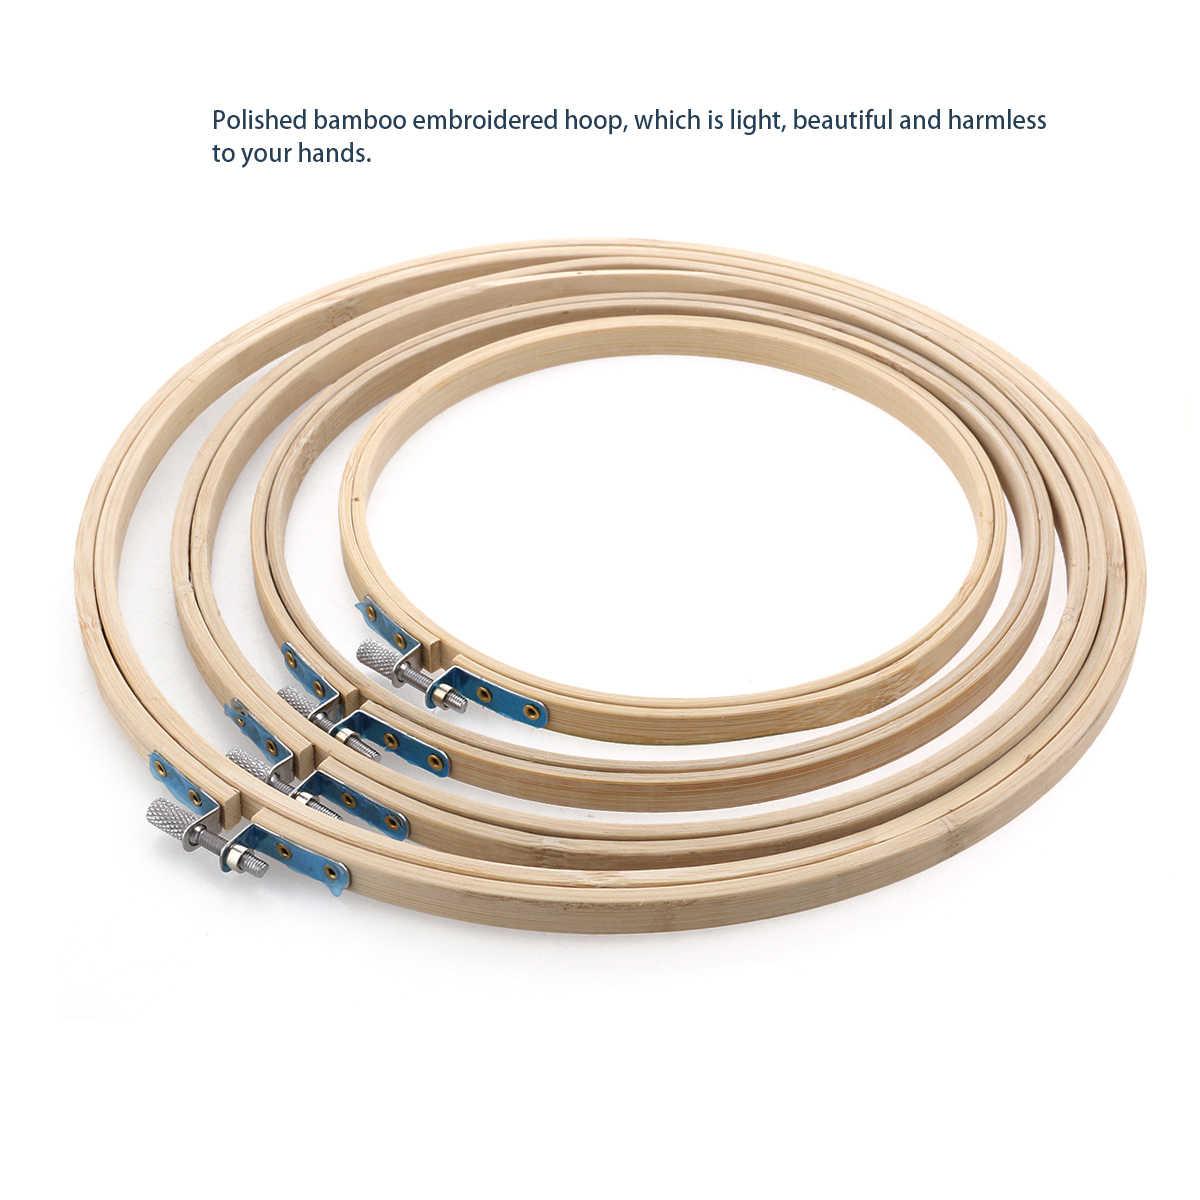 1 Uds. 10-40cm mano de madera punto de cruz máquina de bordado aro de bambú marco bordado aro redondo herramientas de coser